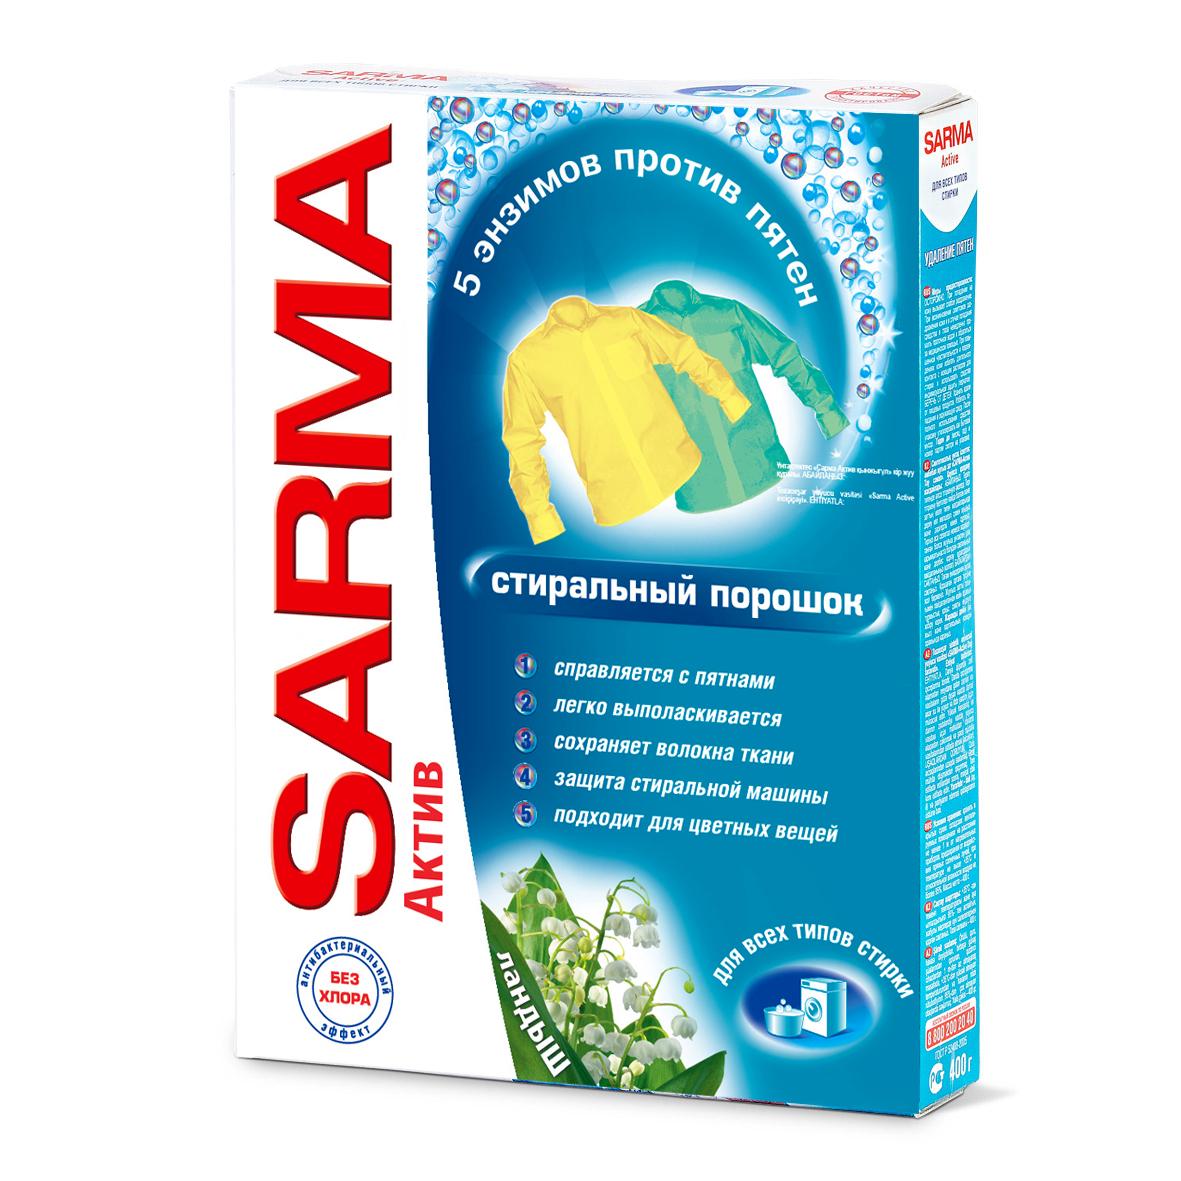 Стиральный порошок Sarma Актив. Ландыш, 400 г01030Порошок для стирки изделий из хлопчатобумажных, льняных, синтетических тканей, а также тканей из смешанных волокон. Может использоваться для автоматической и ручной стирки, а также стирки в машинах активаторного типа. В составе нет хлора, который разрушает волокна ткани и вреден для нашего здоровья. Отлично удаляет пятна от чая, кофе, шоколада, растительного масла, красного вина, травы, крови, делая вещи идеально чистыми. Товар сертифицирован.